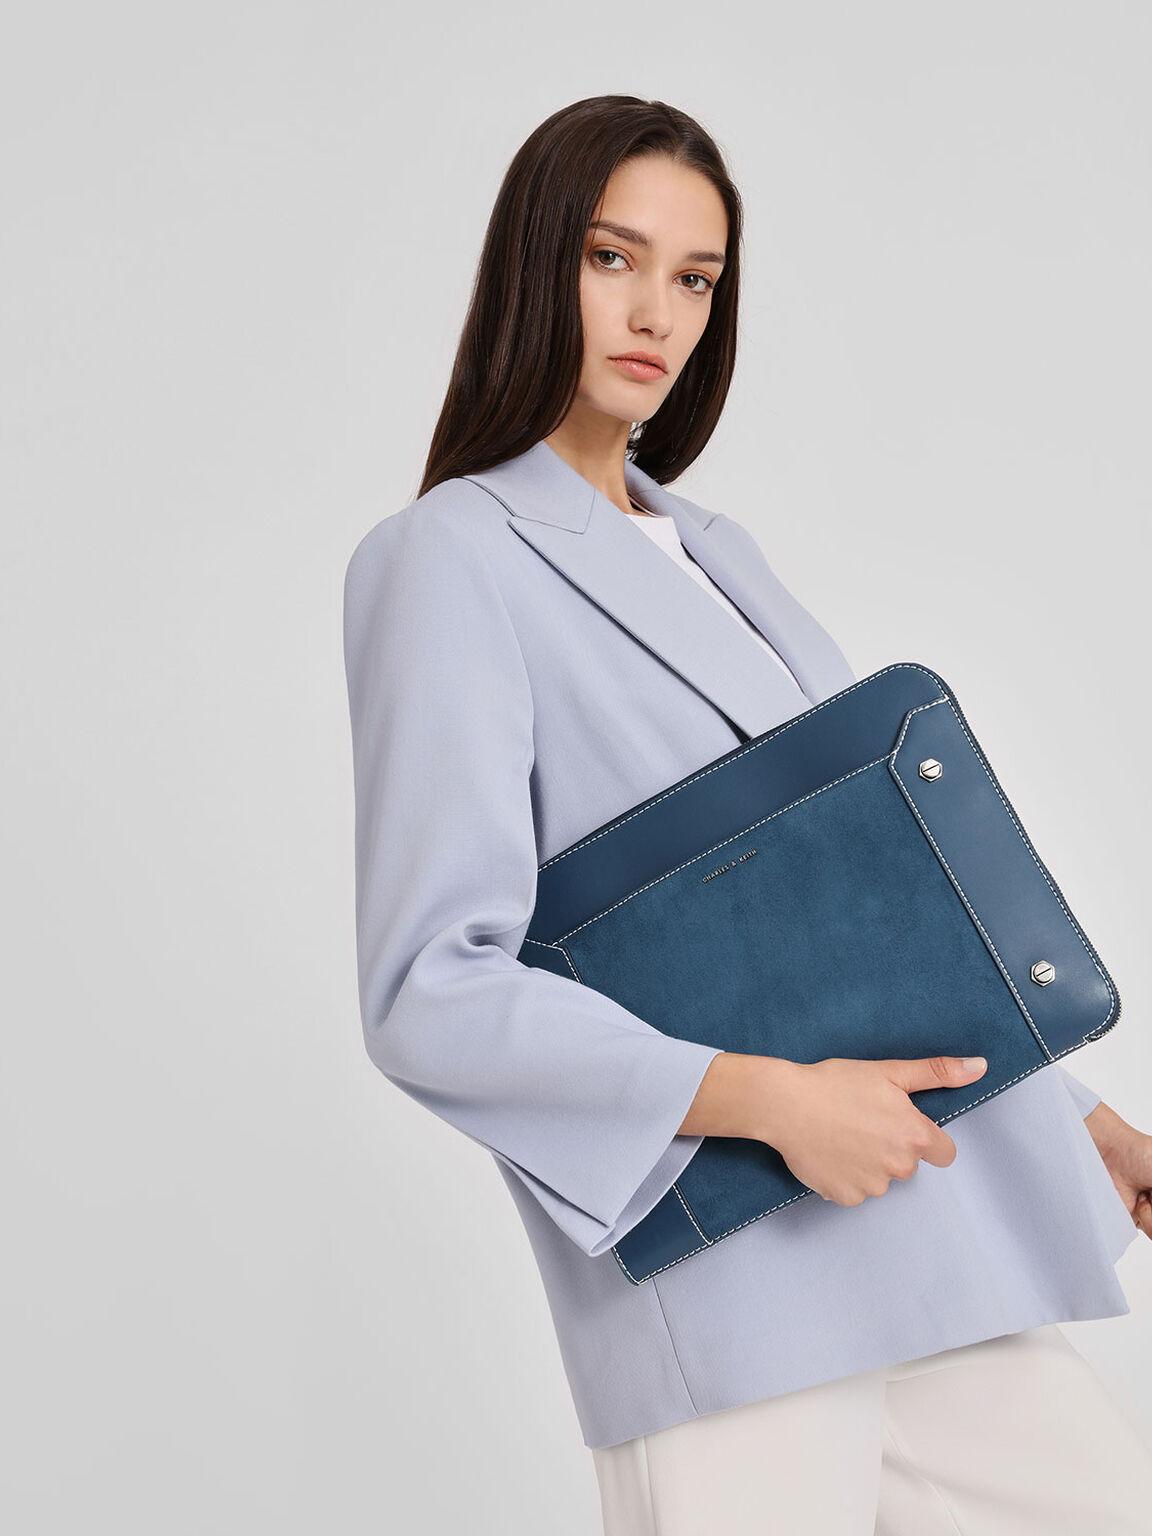 Stud Detail Laptop Bag, Blue, hi-res